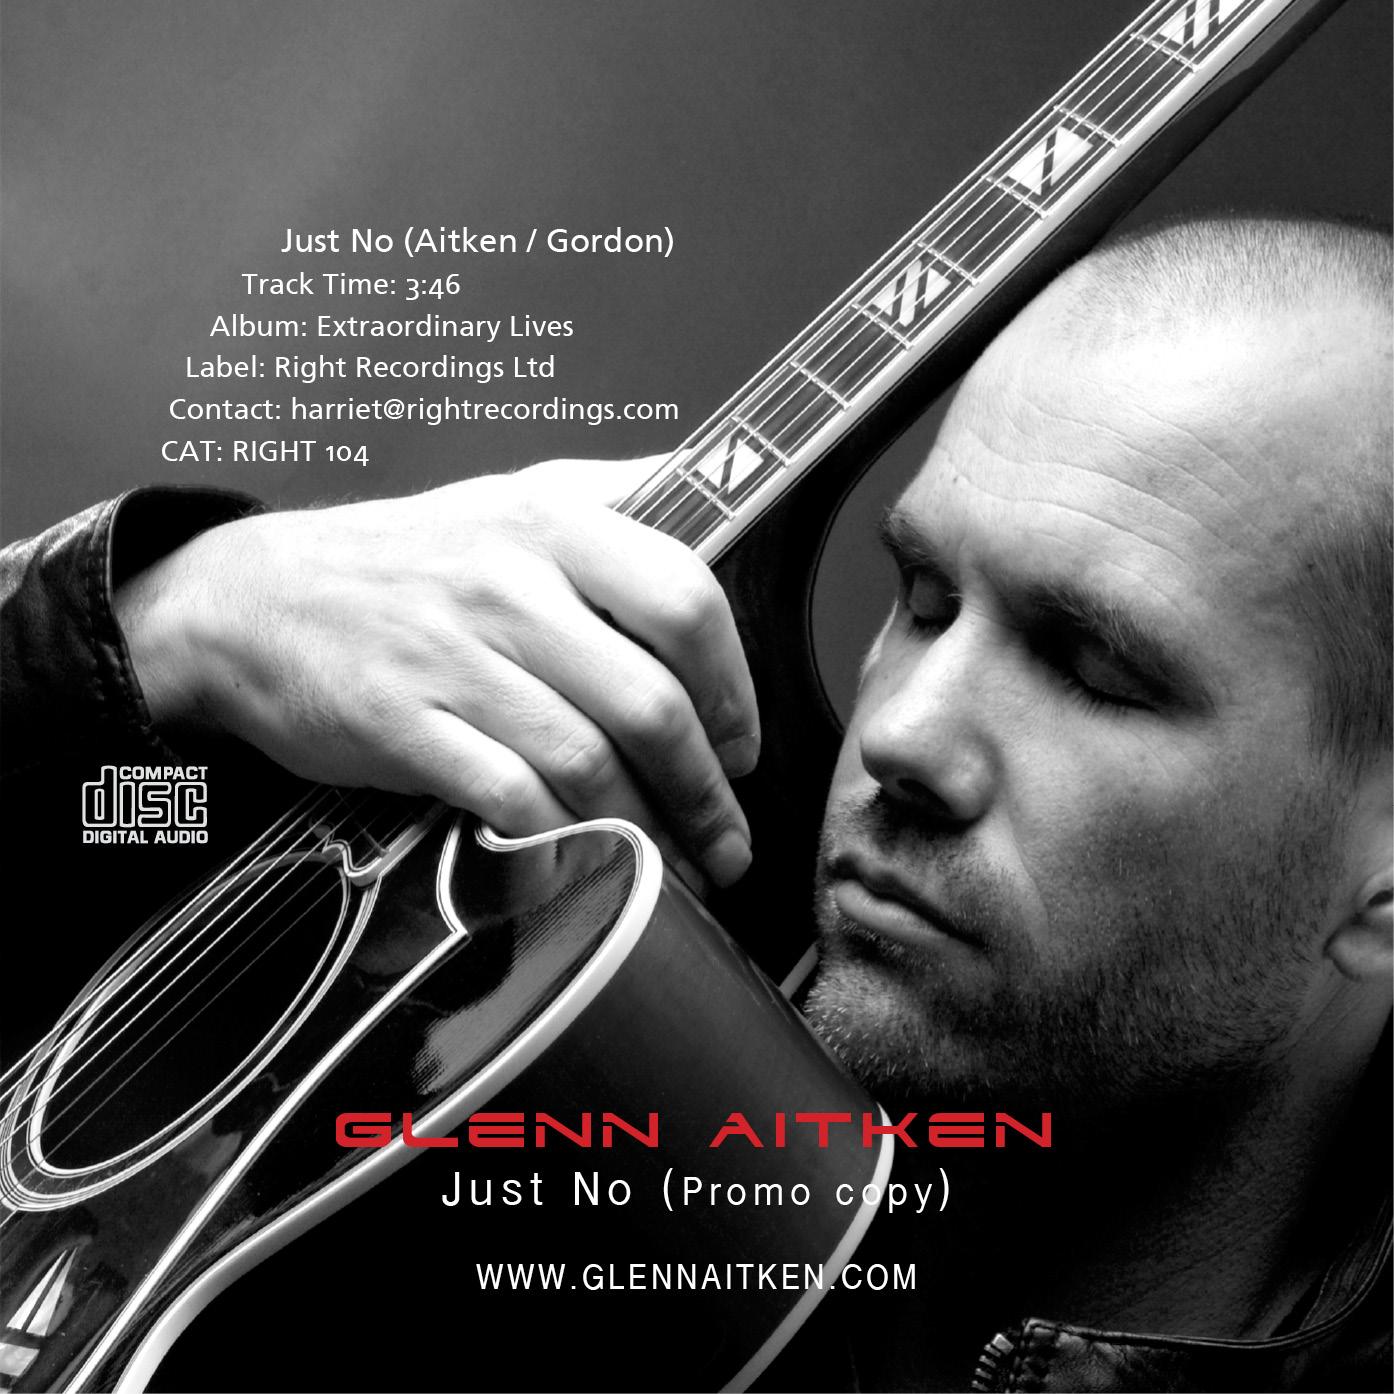 Glenn Aitken